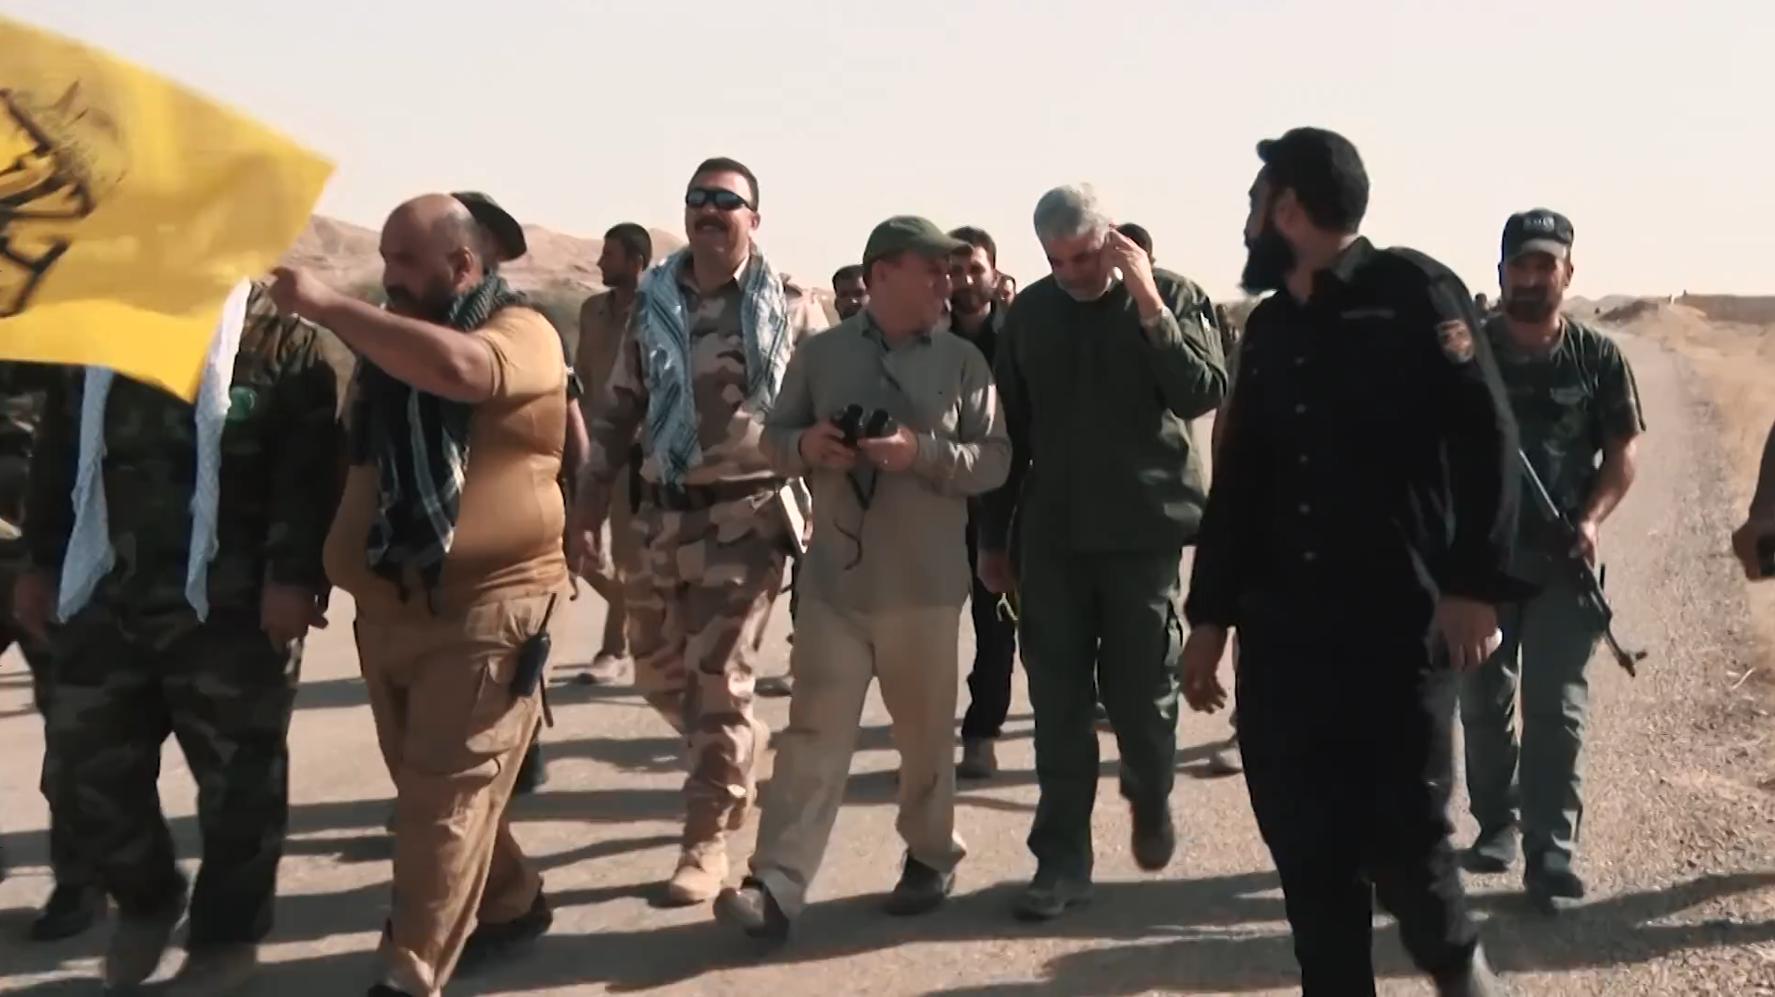 Missili contro l'ambasciata Usa di Baghdad. Cosa c'è dietro?